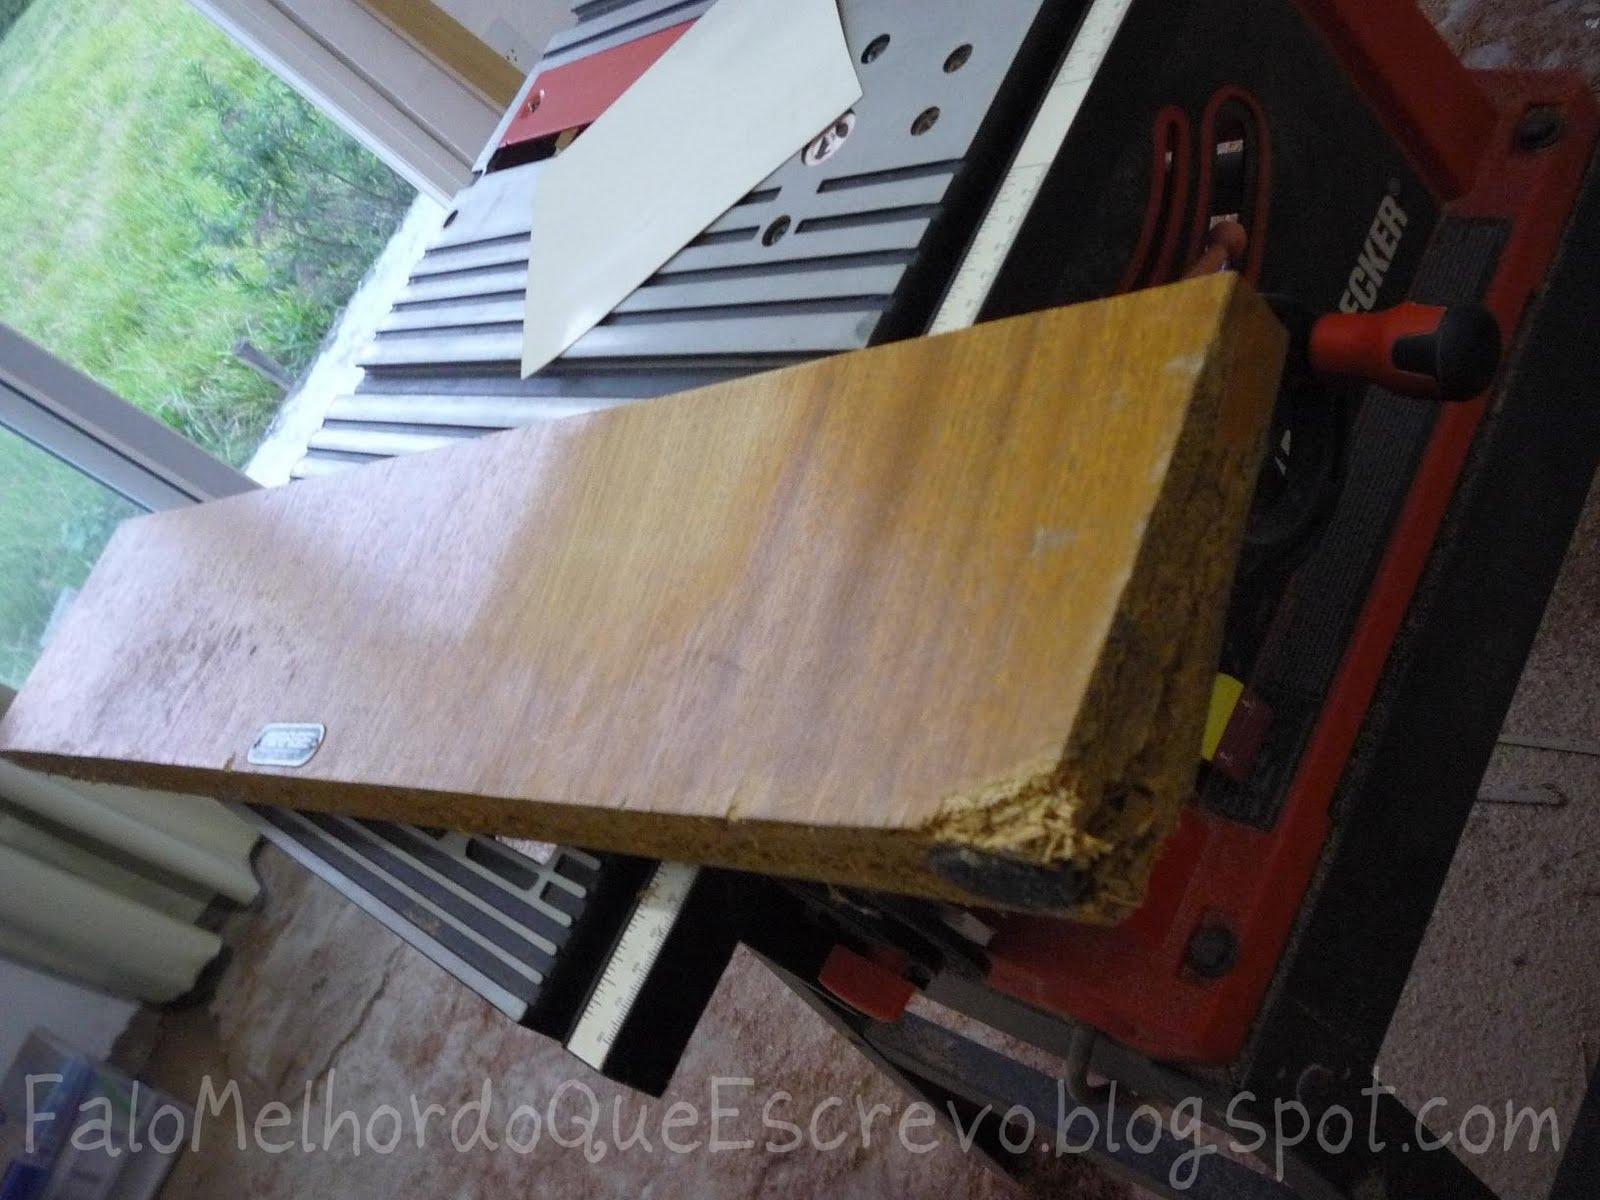 mesa antiga que já foram tampados com massa F12 e os pés ainda #8B6C38 1600x1200